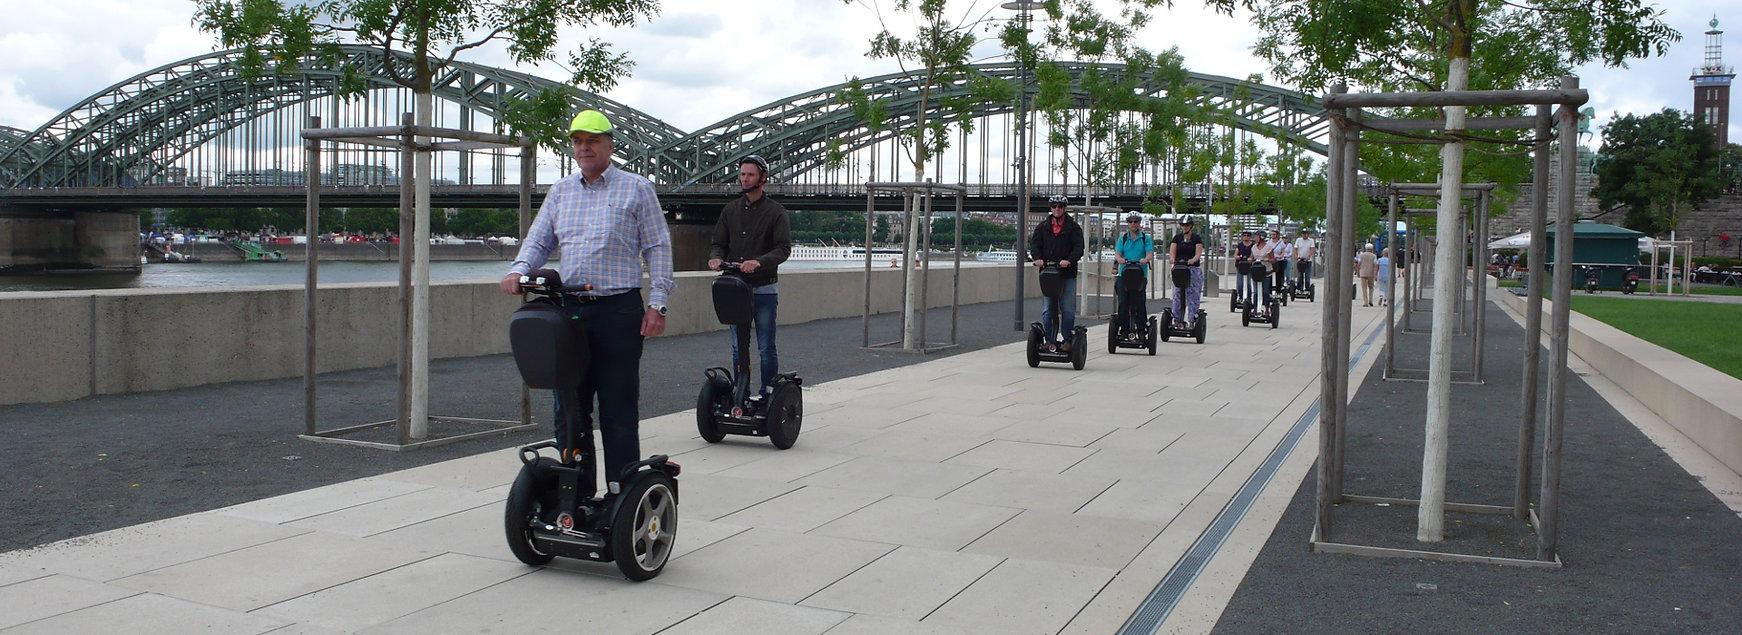 Segway Gruppe in Köln Deutz